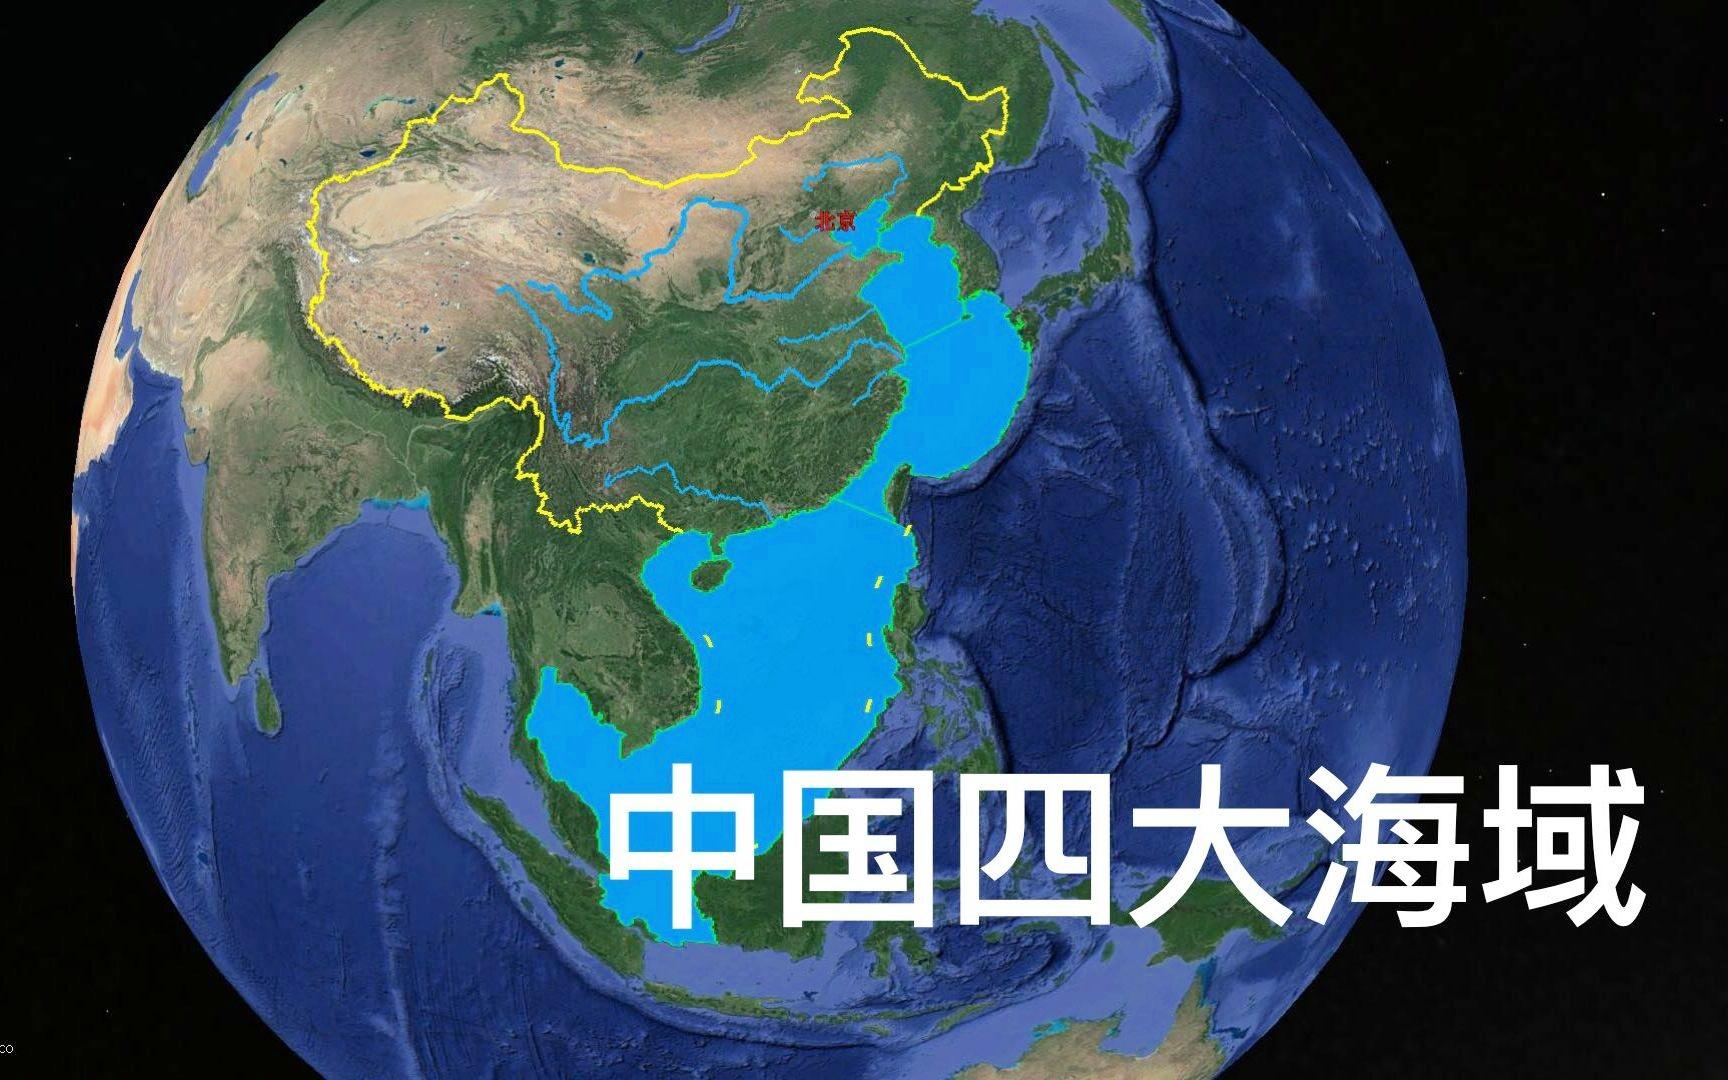 中国的四大海域.jpg